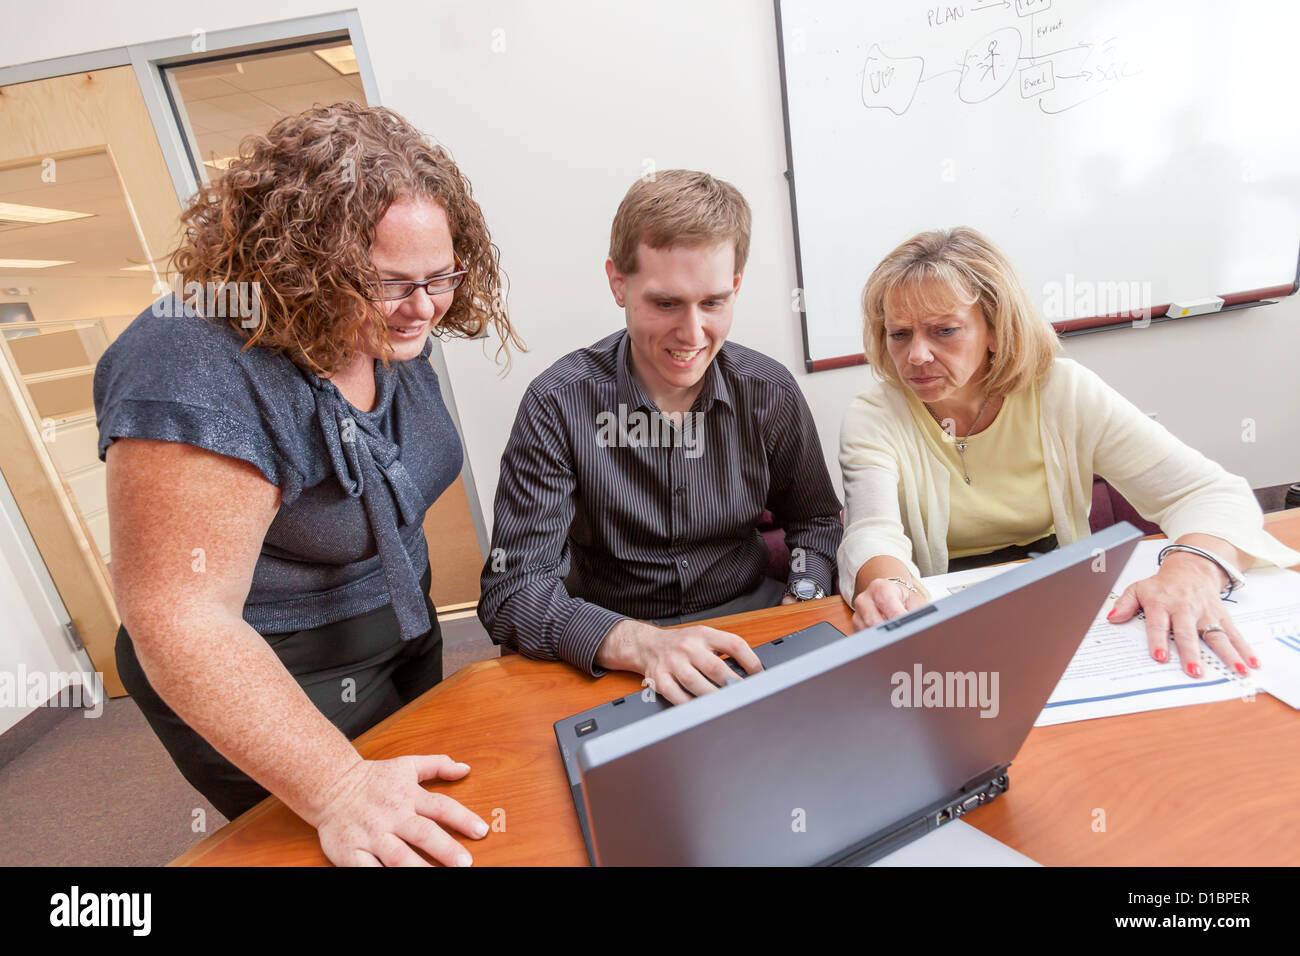 Collare bianco i dipendenti al lavoro e di brainstorming in loro corporate conference room. Immagini Stock